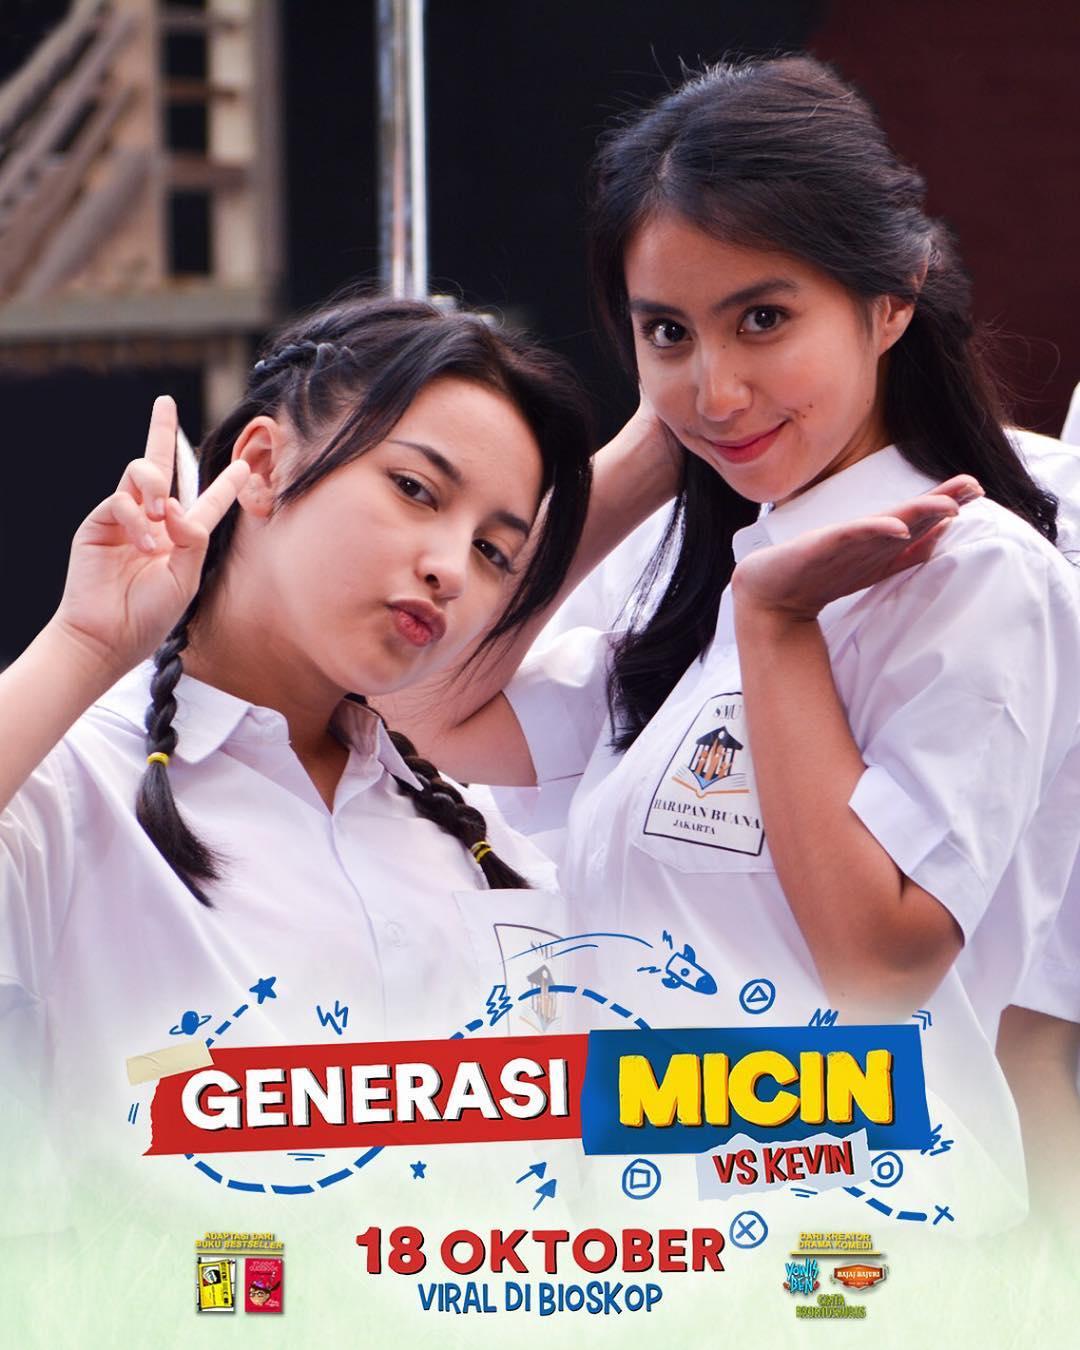 Trailer Generasi Micin Vs Kevin 2